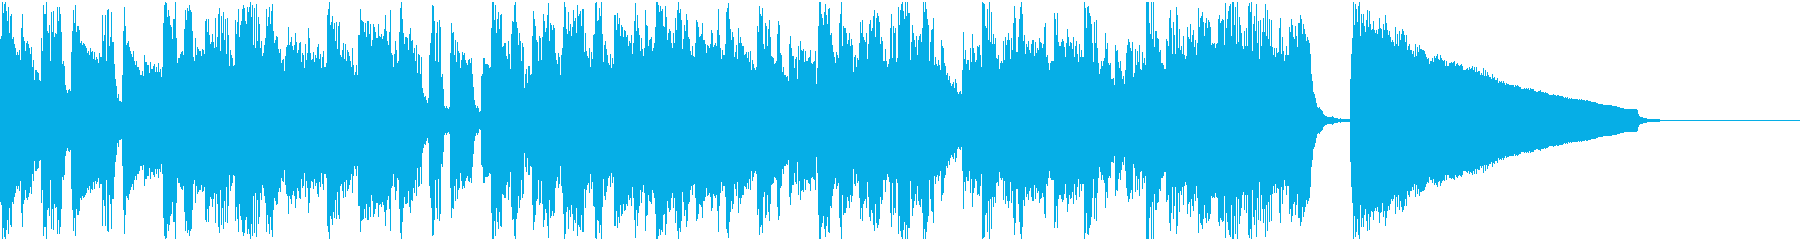 ベースのフレーズがよく動く曲の再生済みの波形